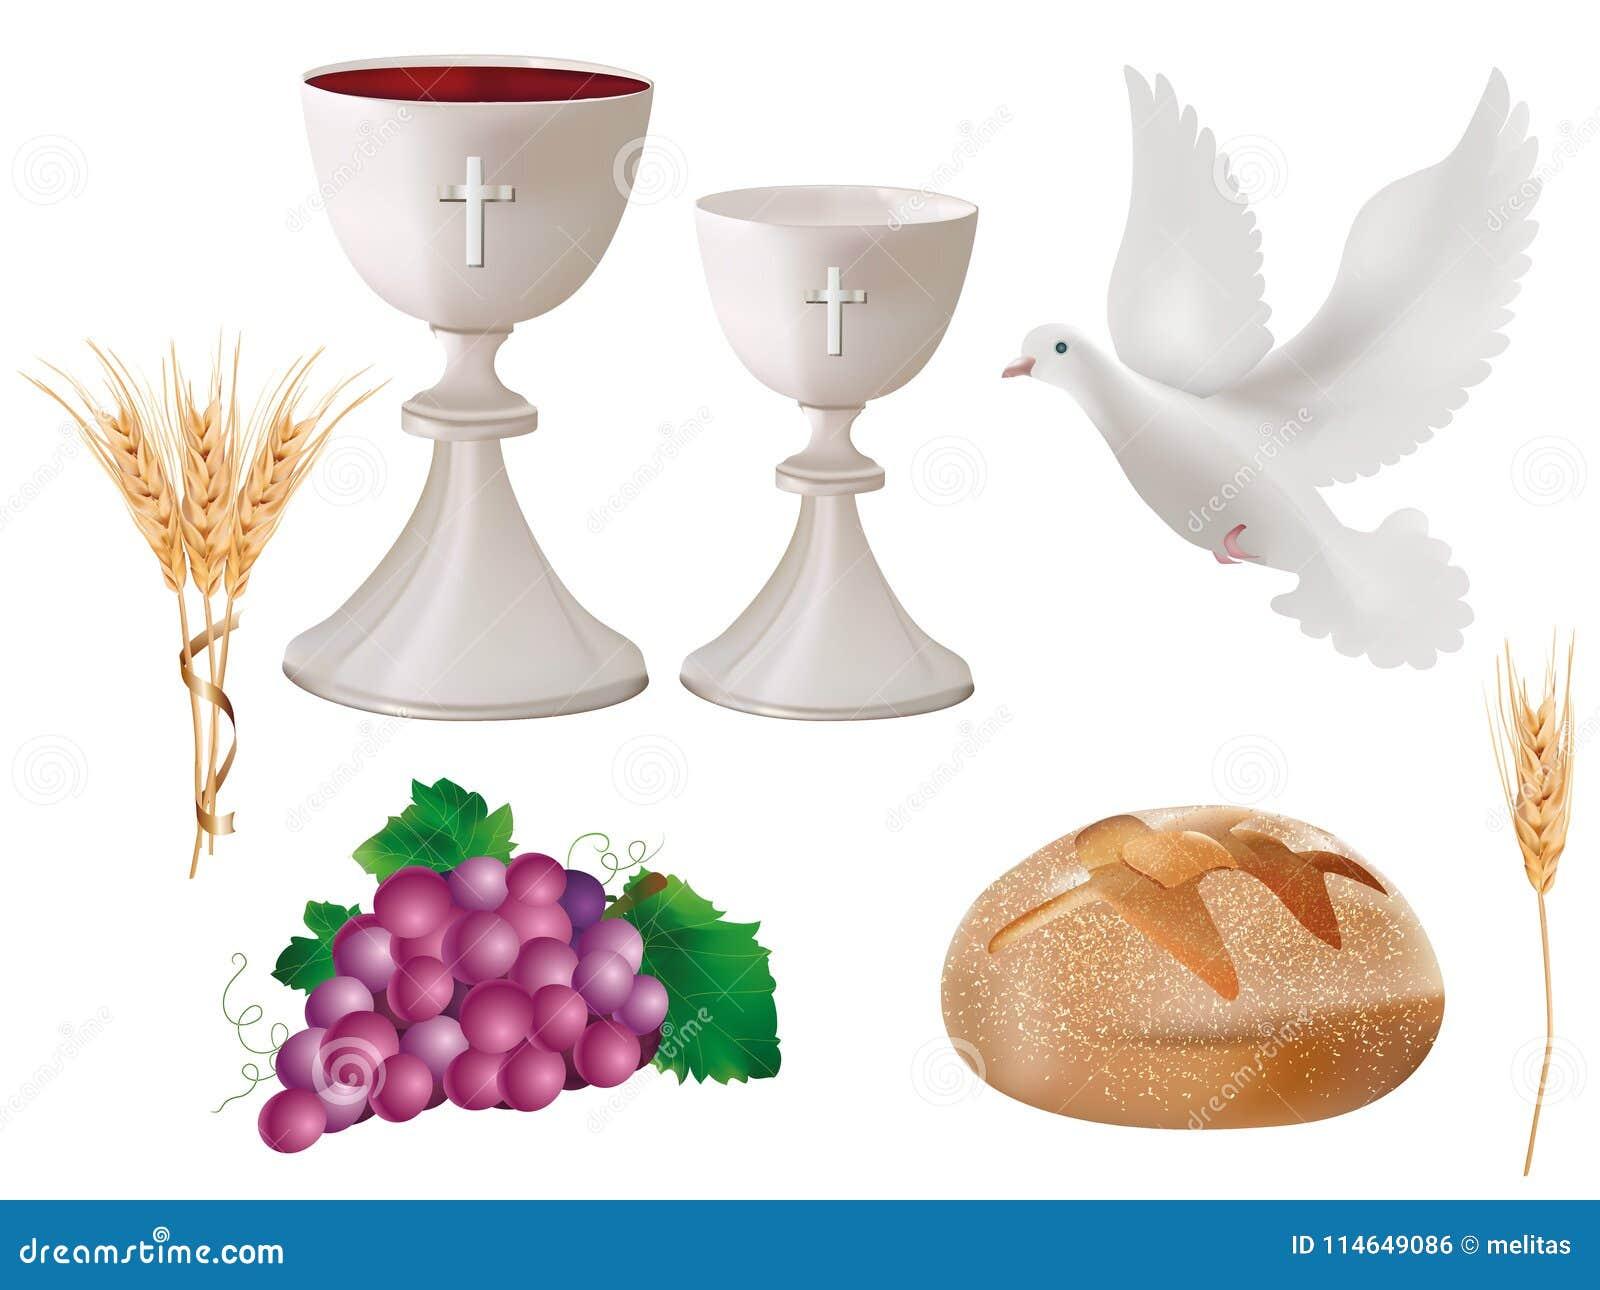 Realistiska isolerade kristna symboler för illustration 3d: vit bägare med vin, duva, druvor, bröd, öra av vete